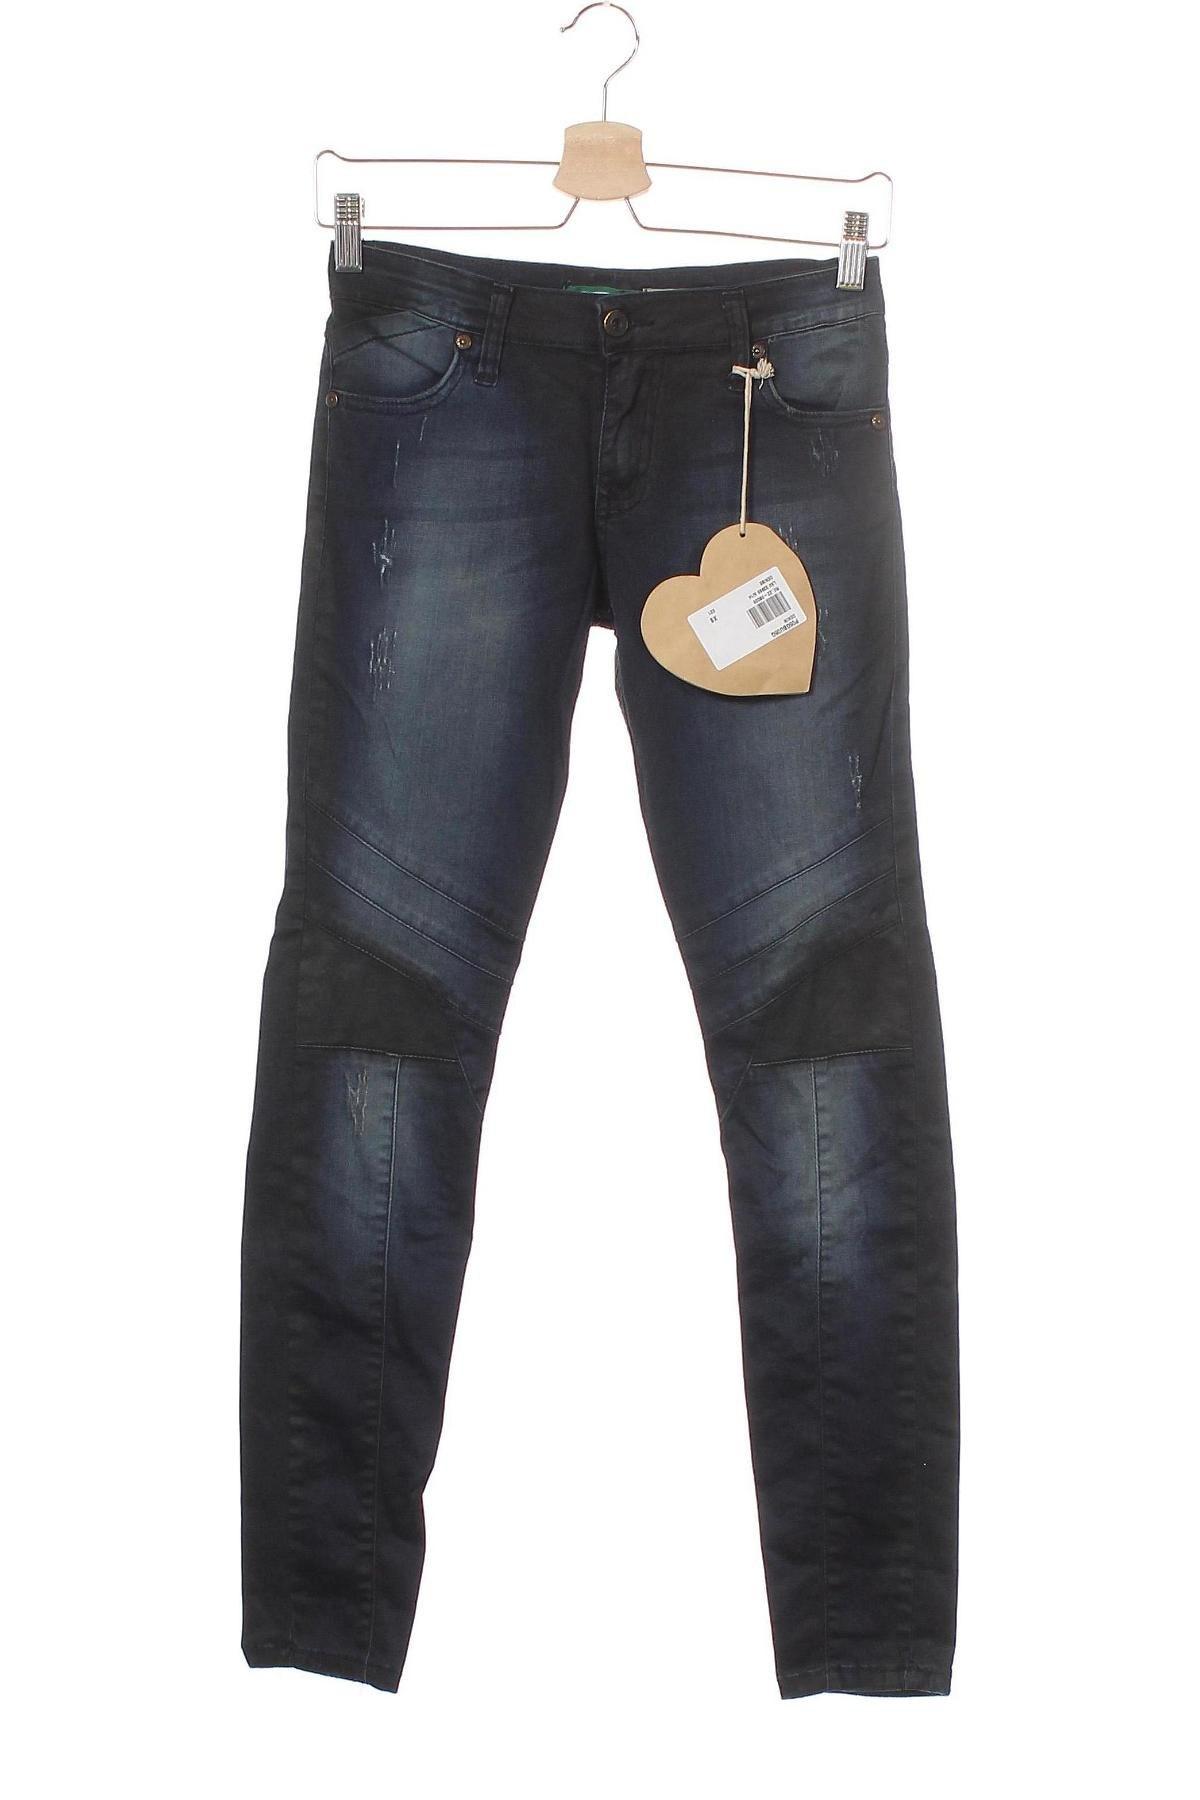 Дамски дънки Please, Размер XS, Цвят Син, 98% памук, 2% еластан, Цена 34,98лв.